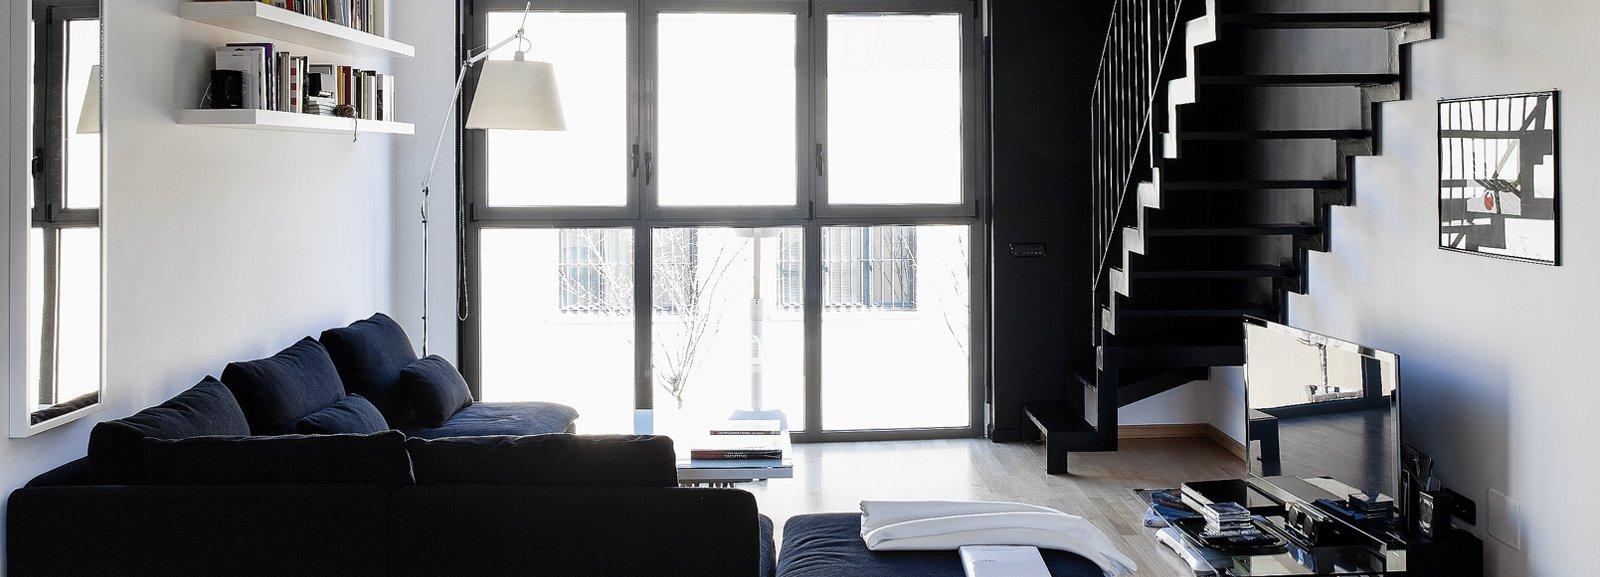 60 50 mq una casa con elementi a scomparsa cose di casa - Arredare casa 50 mq ...